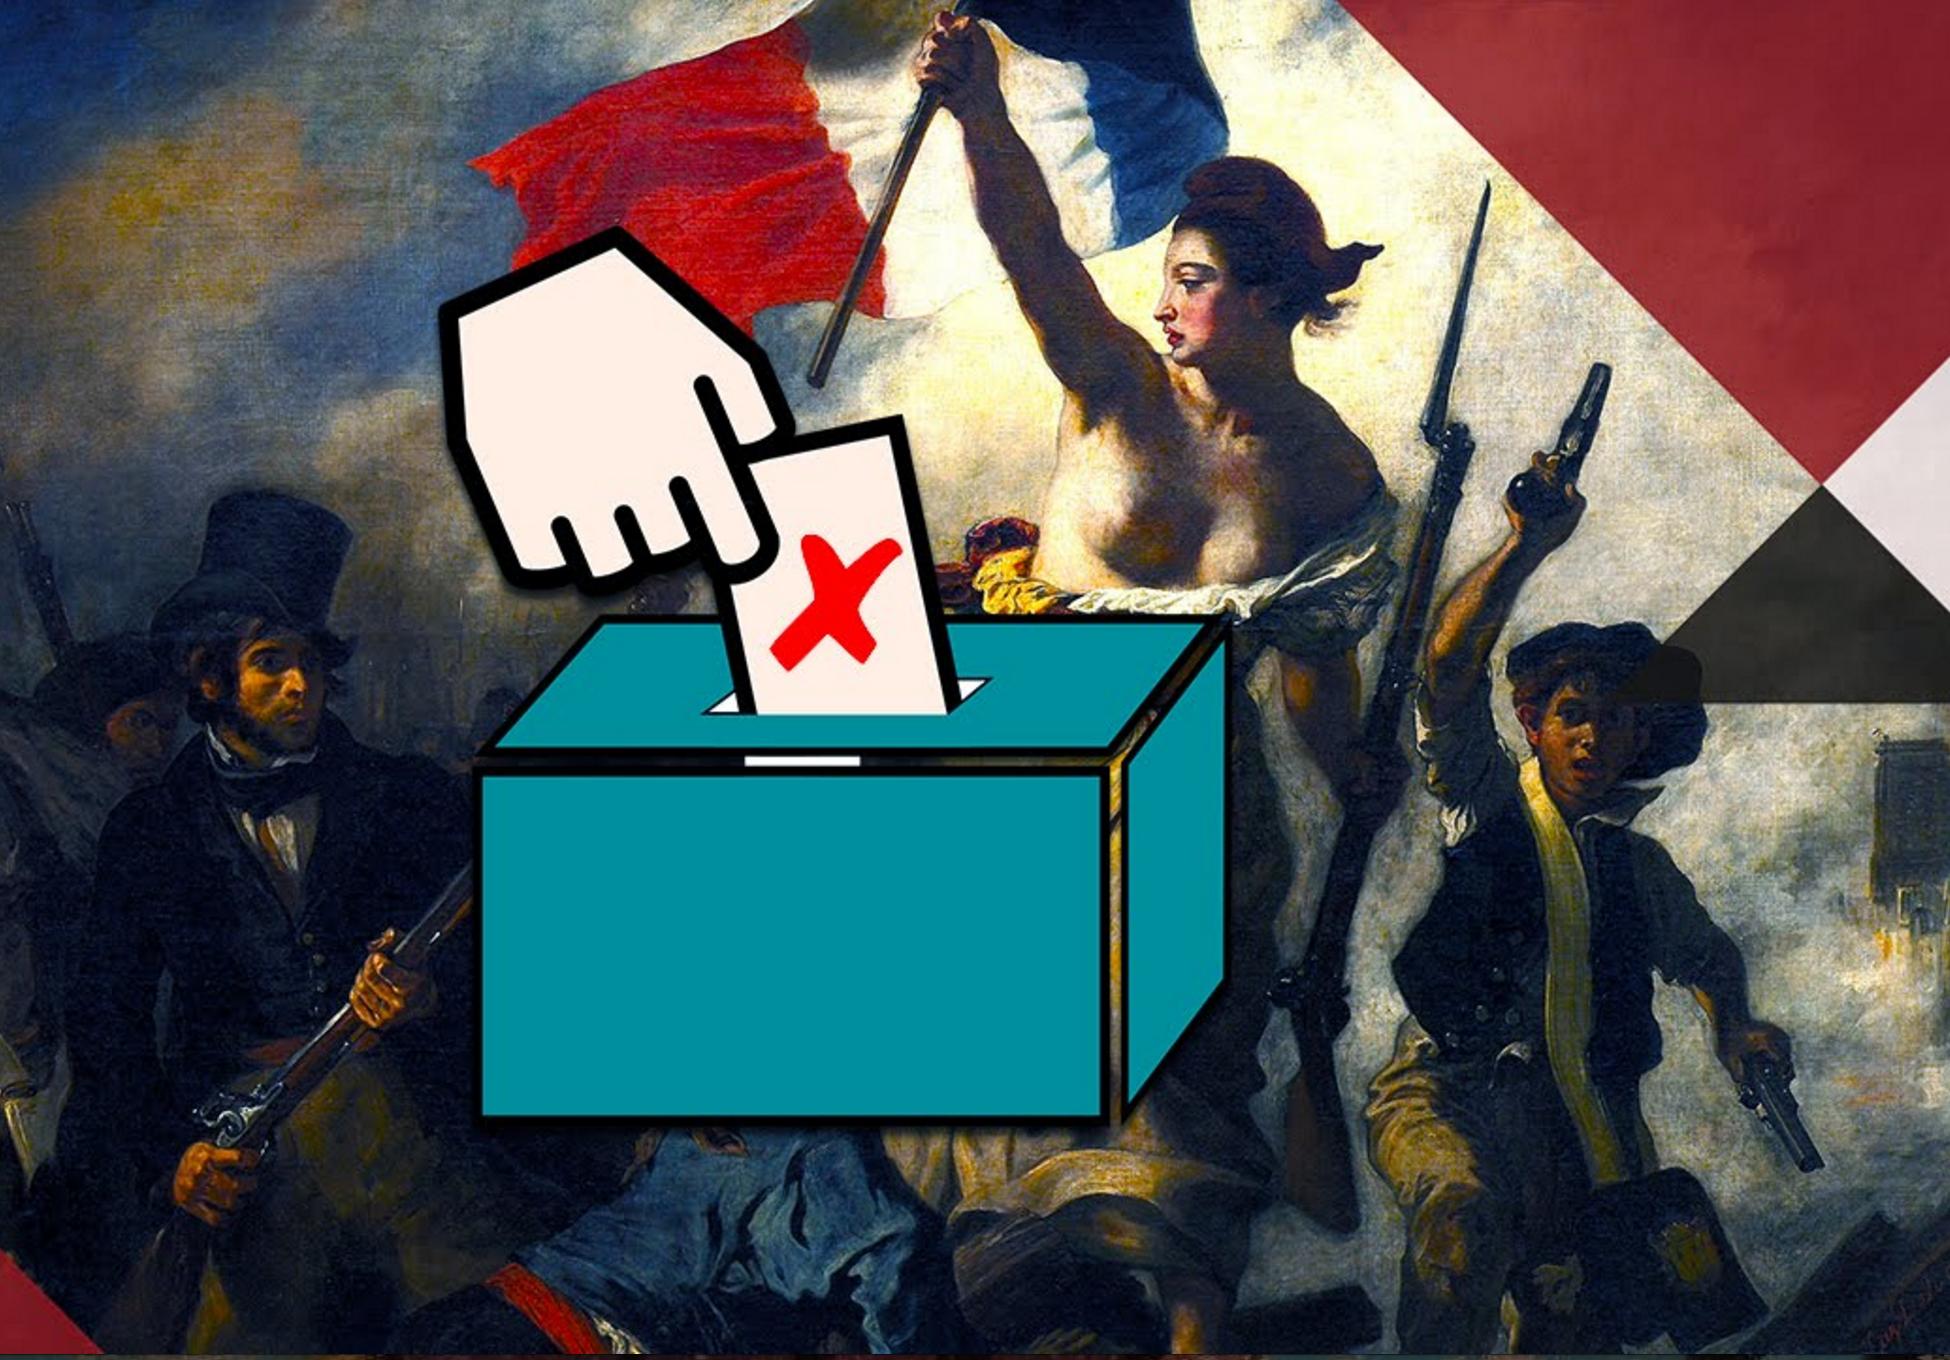 Les jeunes, le monde politique et la société : une fracture toujours ouverte